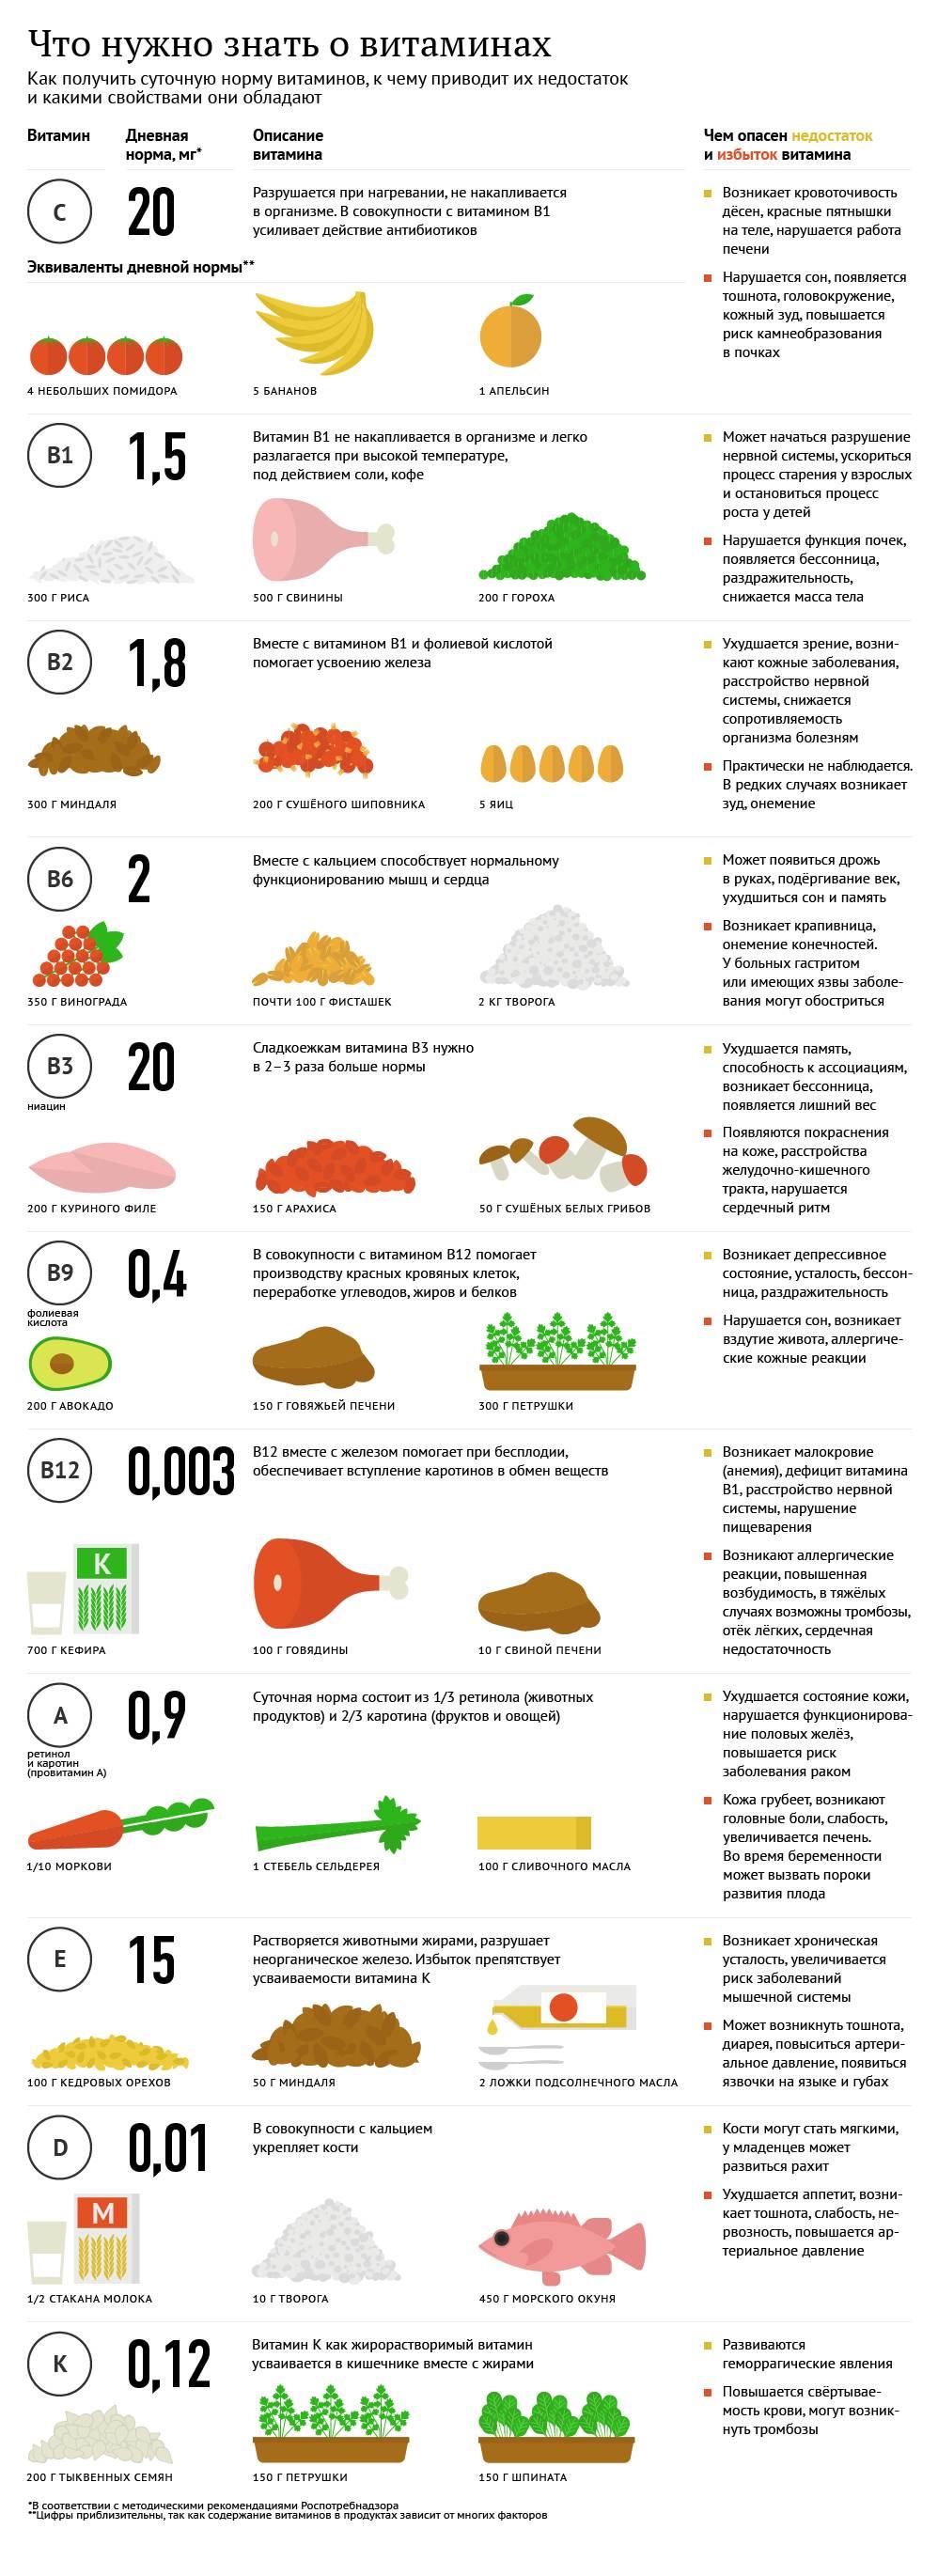 Список витаминов какие есть витамины